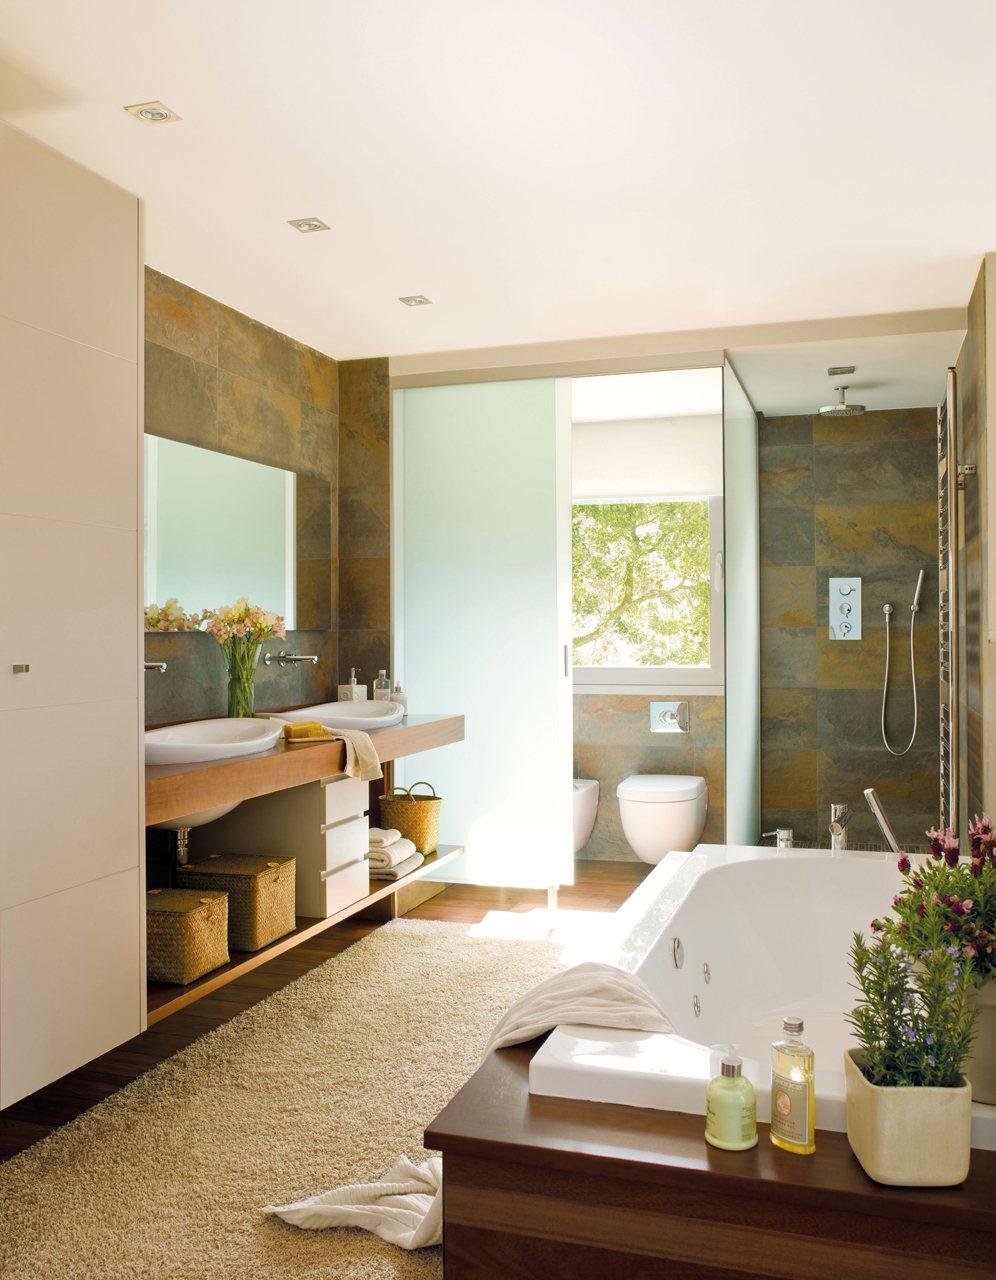 Un ba o pensado para compartir - Imagenes de banos con ducha ...